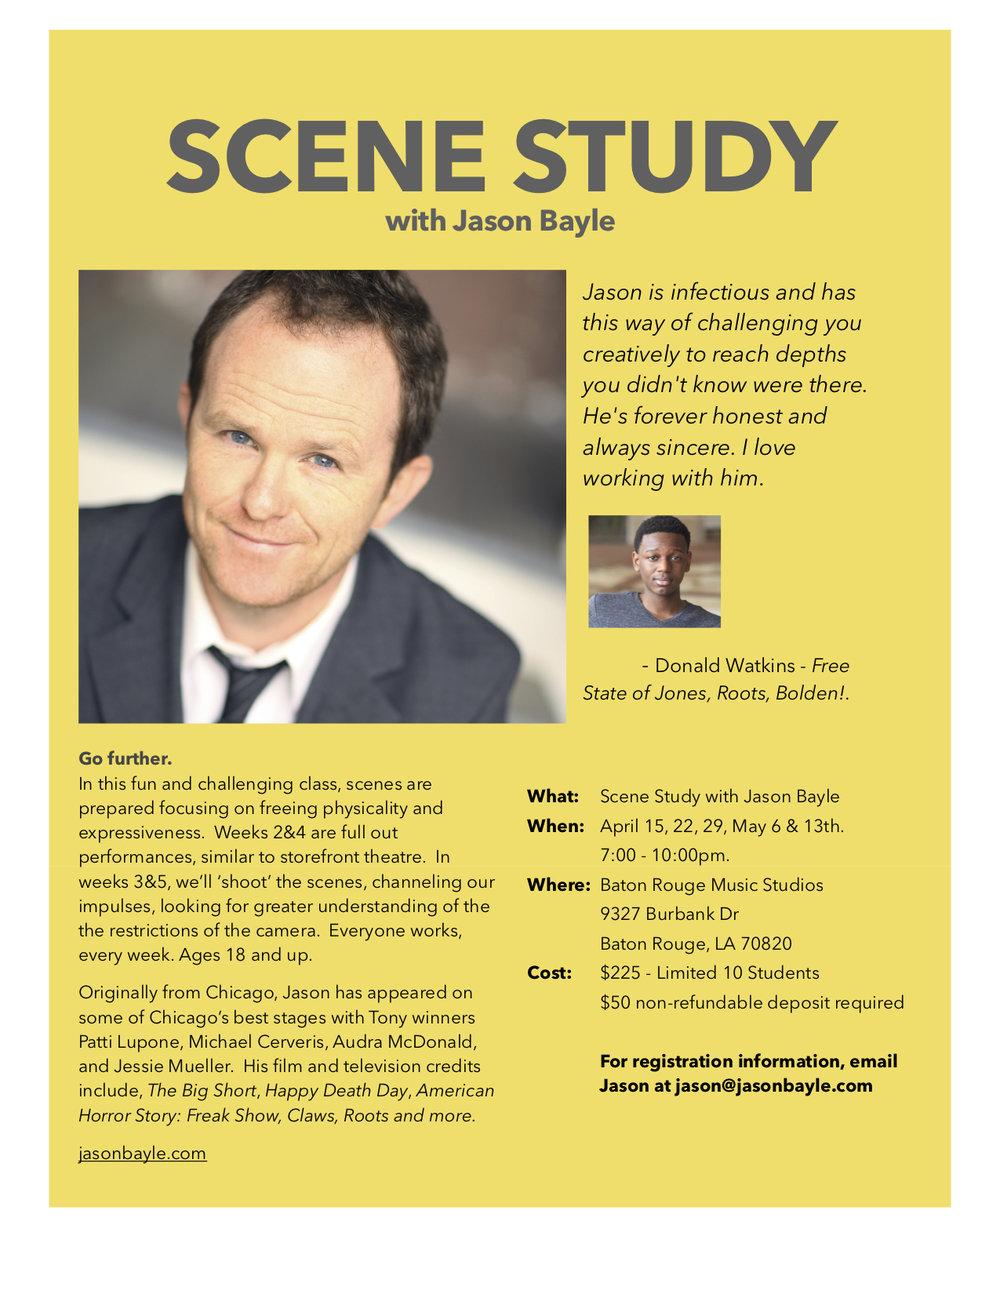 Jason Bayle Scene Study Flyer.jpg